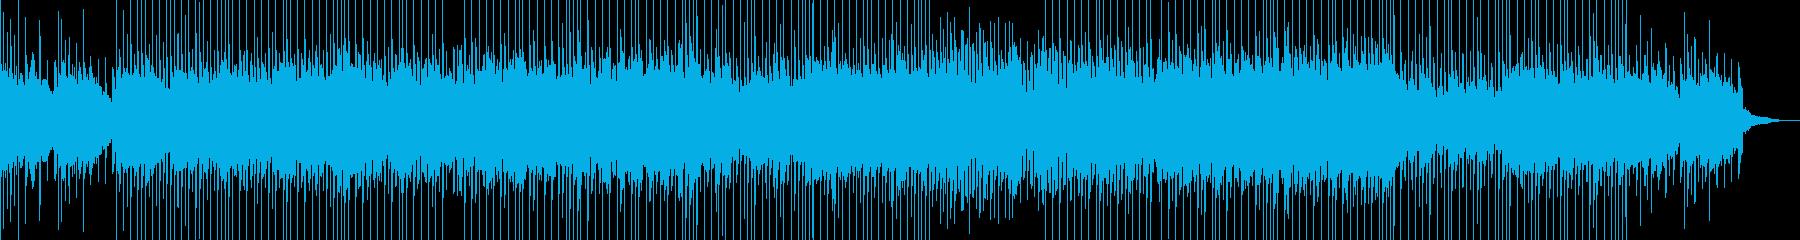 爽やかなベル音が印象的なポップスの再生済みの波形